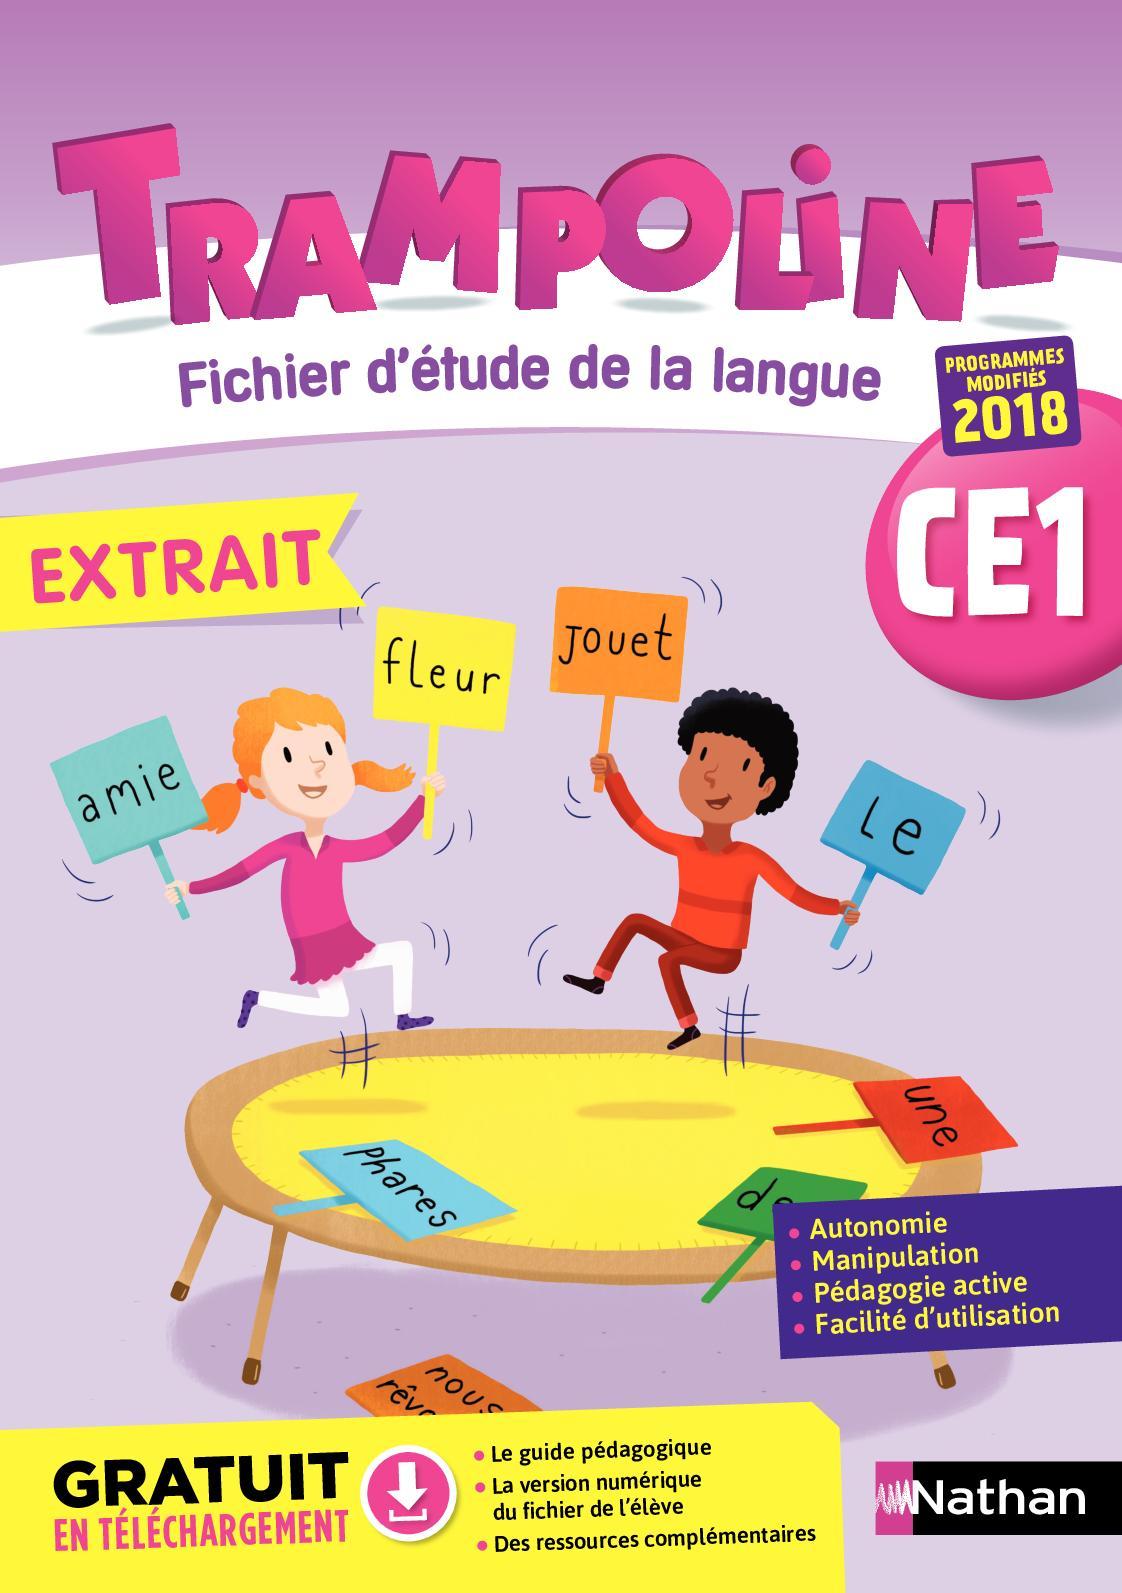 Calaméo - Extrait Trampoline Ce1 Etude De La Langue tout Cours Ce1 Gratuit A Imprimer